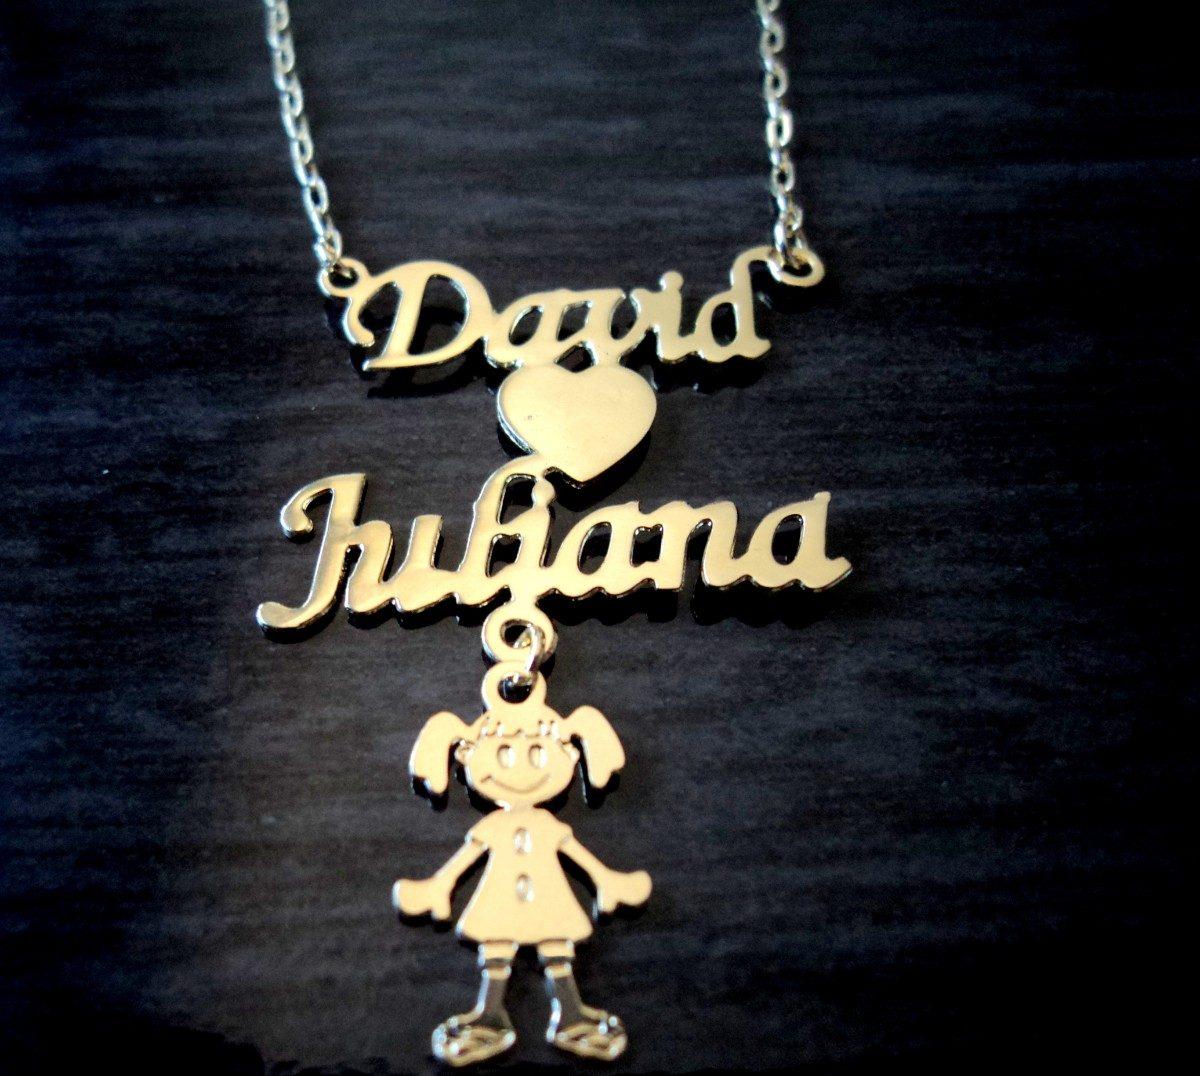 037bbdb3f6cc1 colar banho ouro pingente nome manuscrito menino canguinha. Carregando zoom.